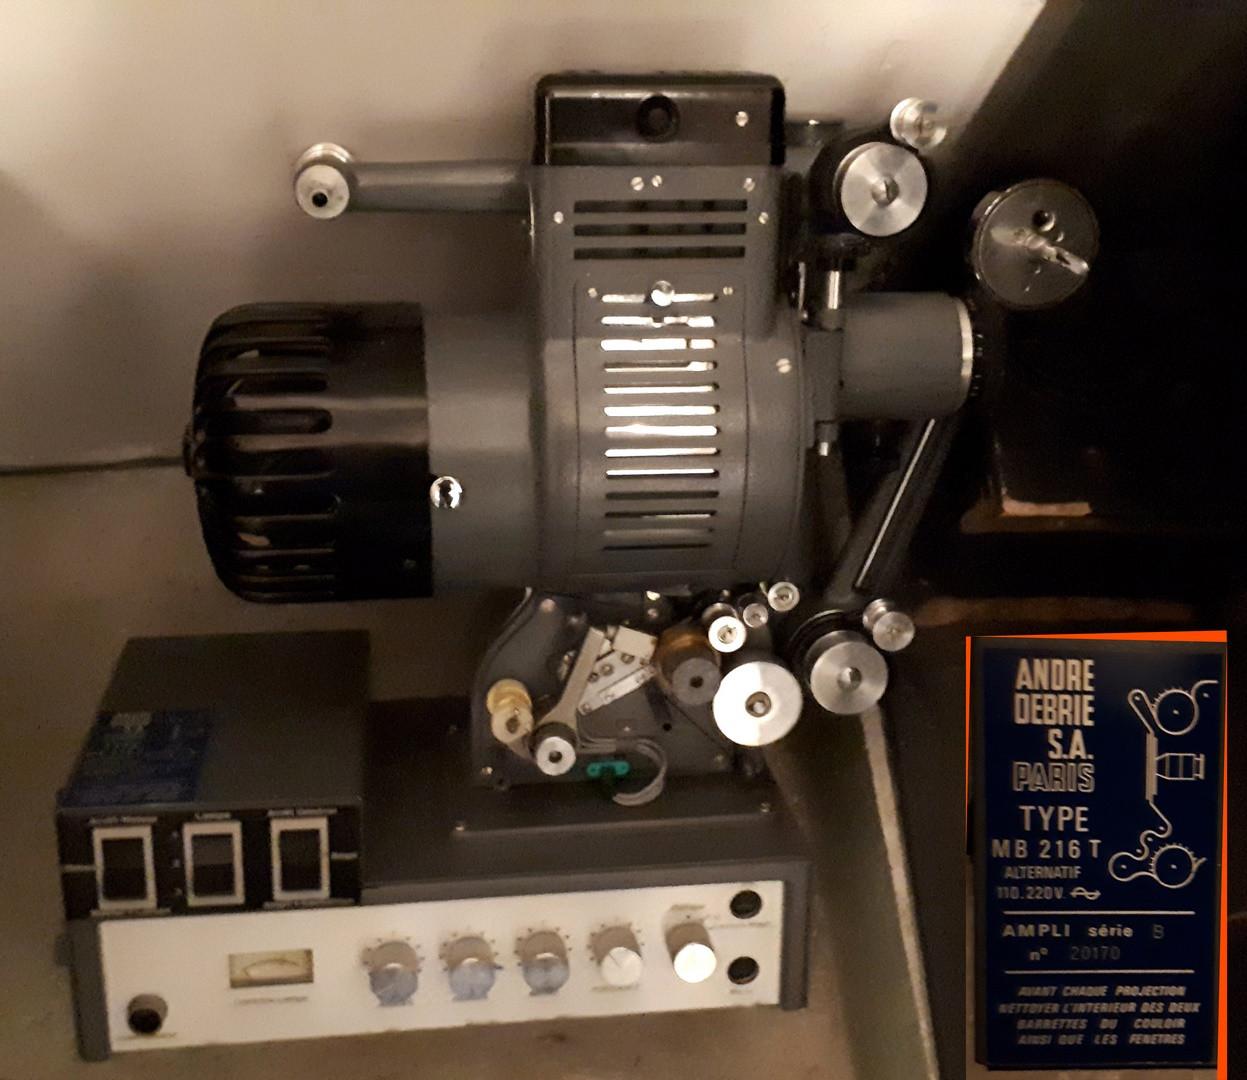 2 projecteurs cinéma 16mm pour collectionneur